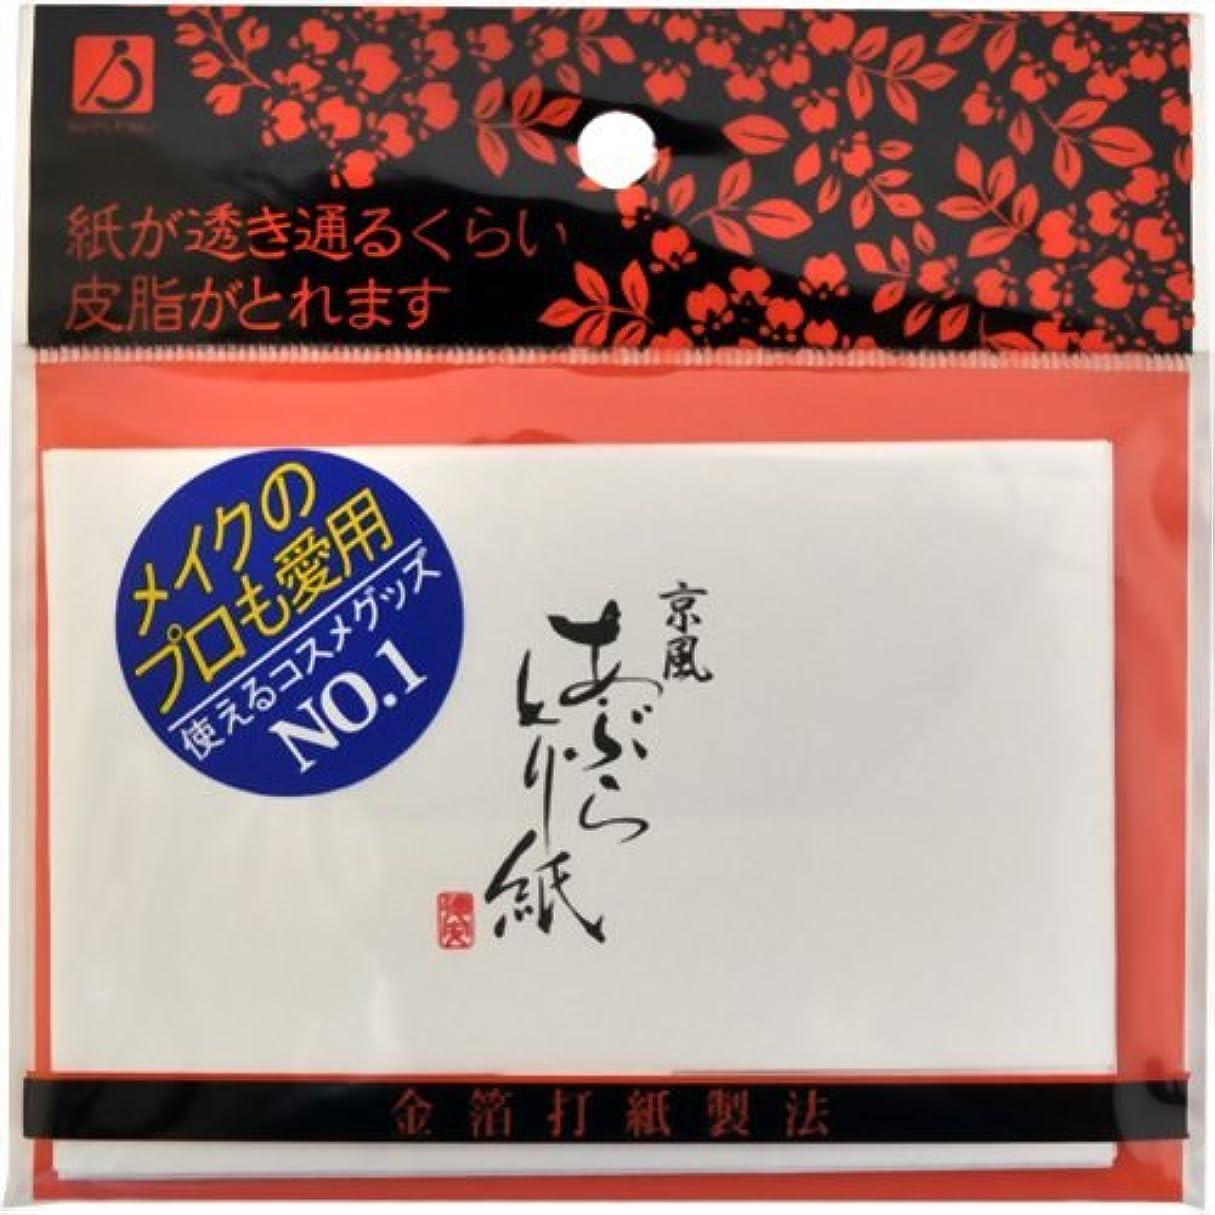 曲ピルファー飢えたFP-381 京風あぶらとり紙 45枚